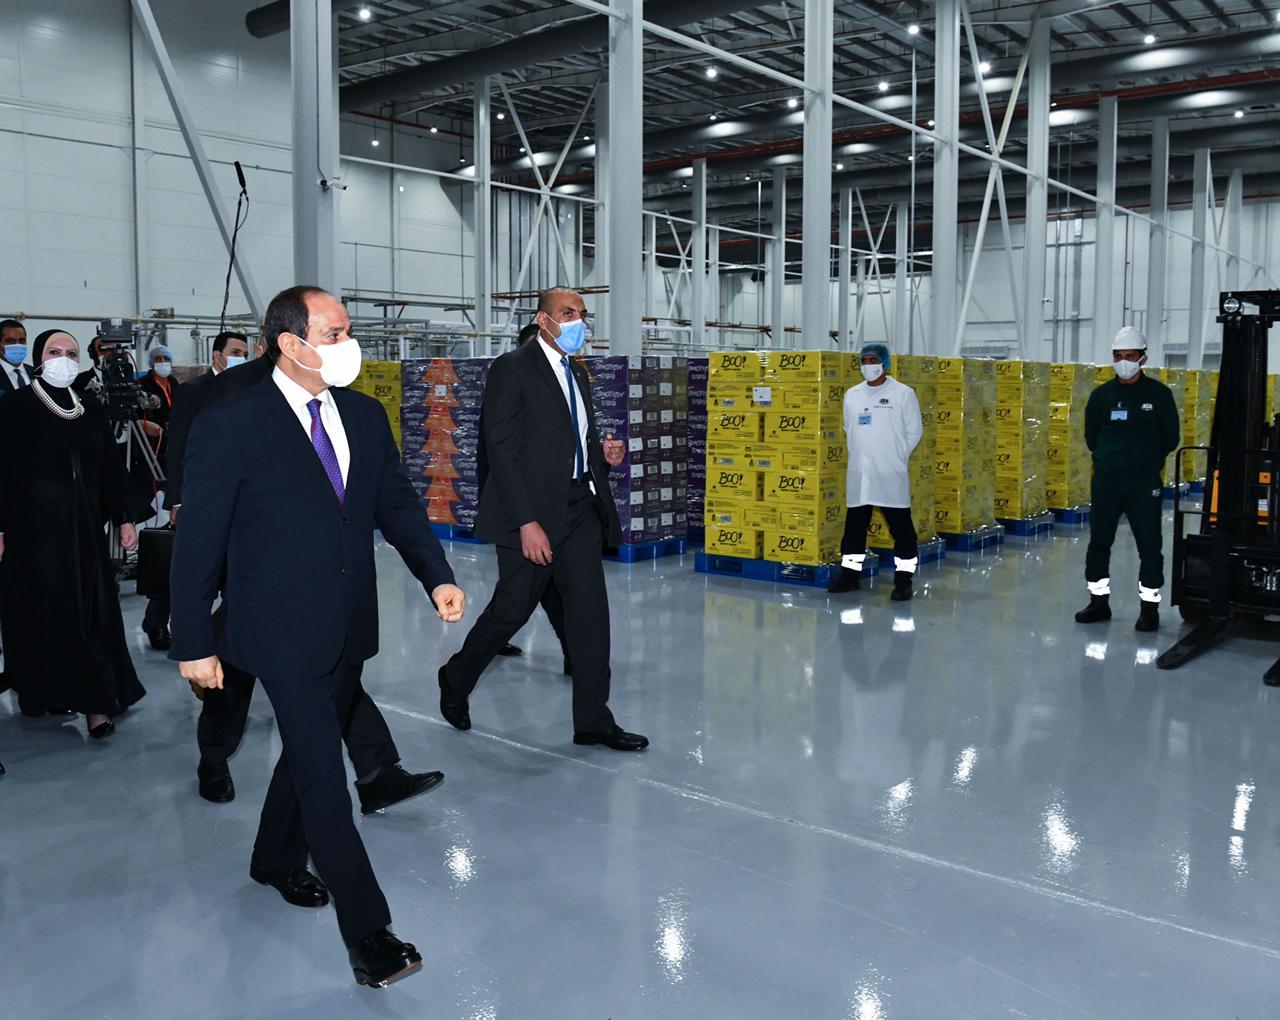 افتتاح الرئيس المدينة الصناعية الغذائية سايلو فودز15